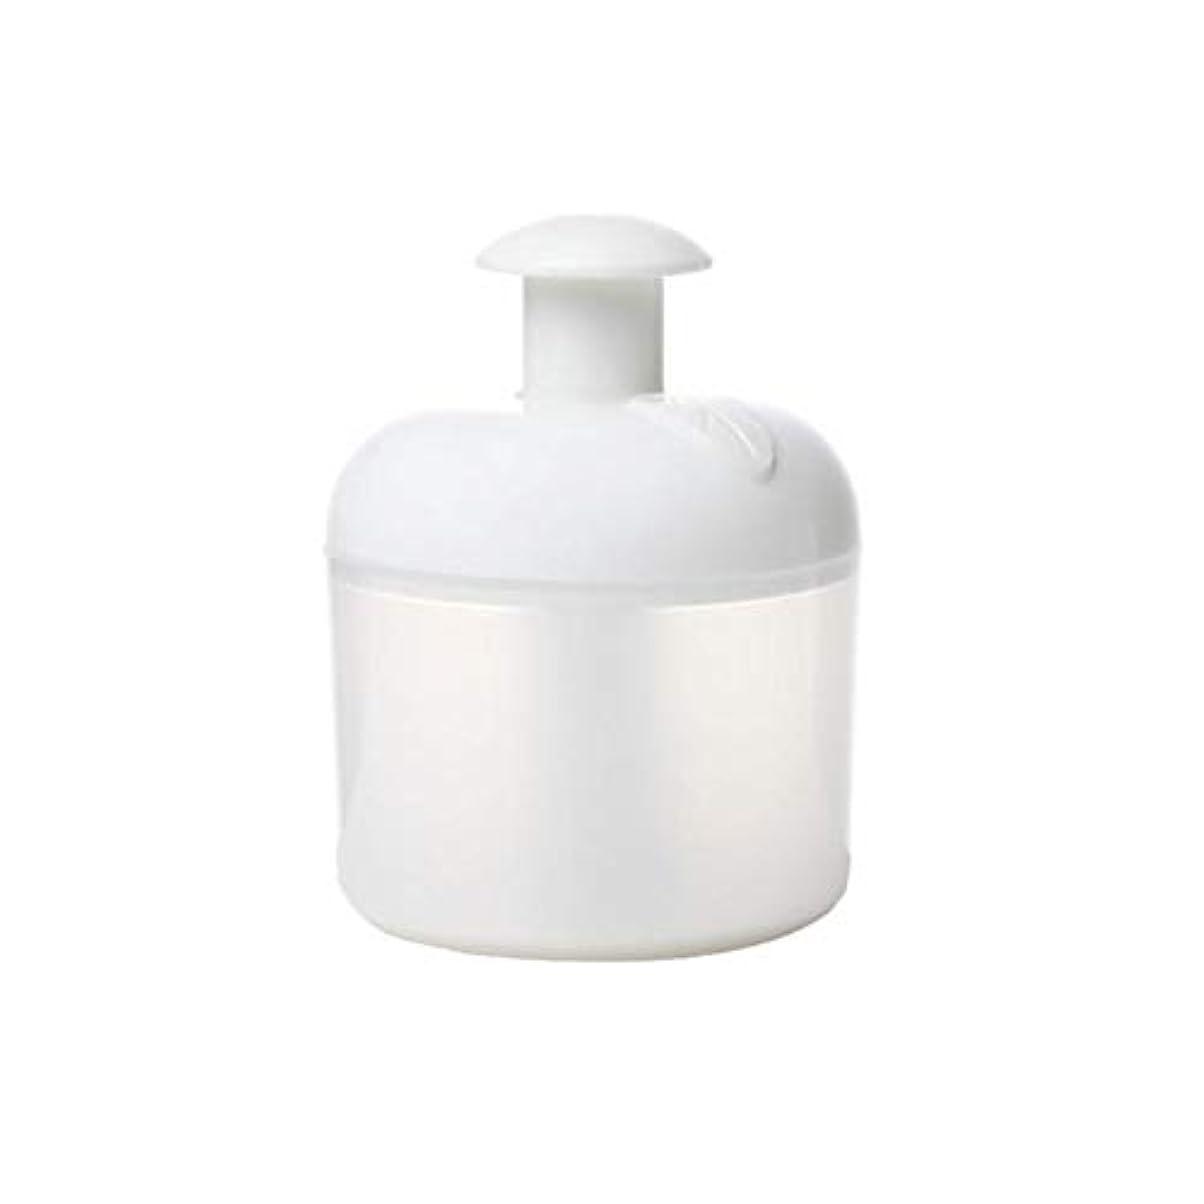 生物学デンマークポータブルマイクロバブルフォーマー - Dewin 洗顔泡立て器 洗顔ネット マイクロホイッパー クリーンツール 7倍の濃厚なバブル 美容グッズ